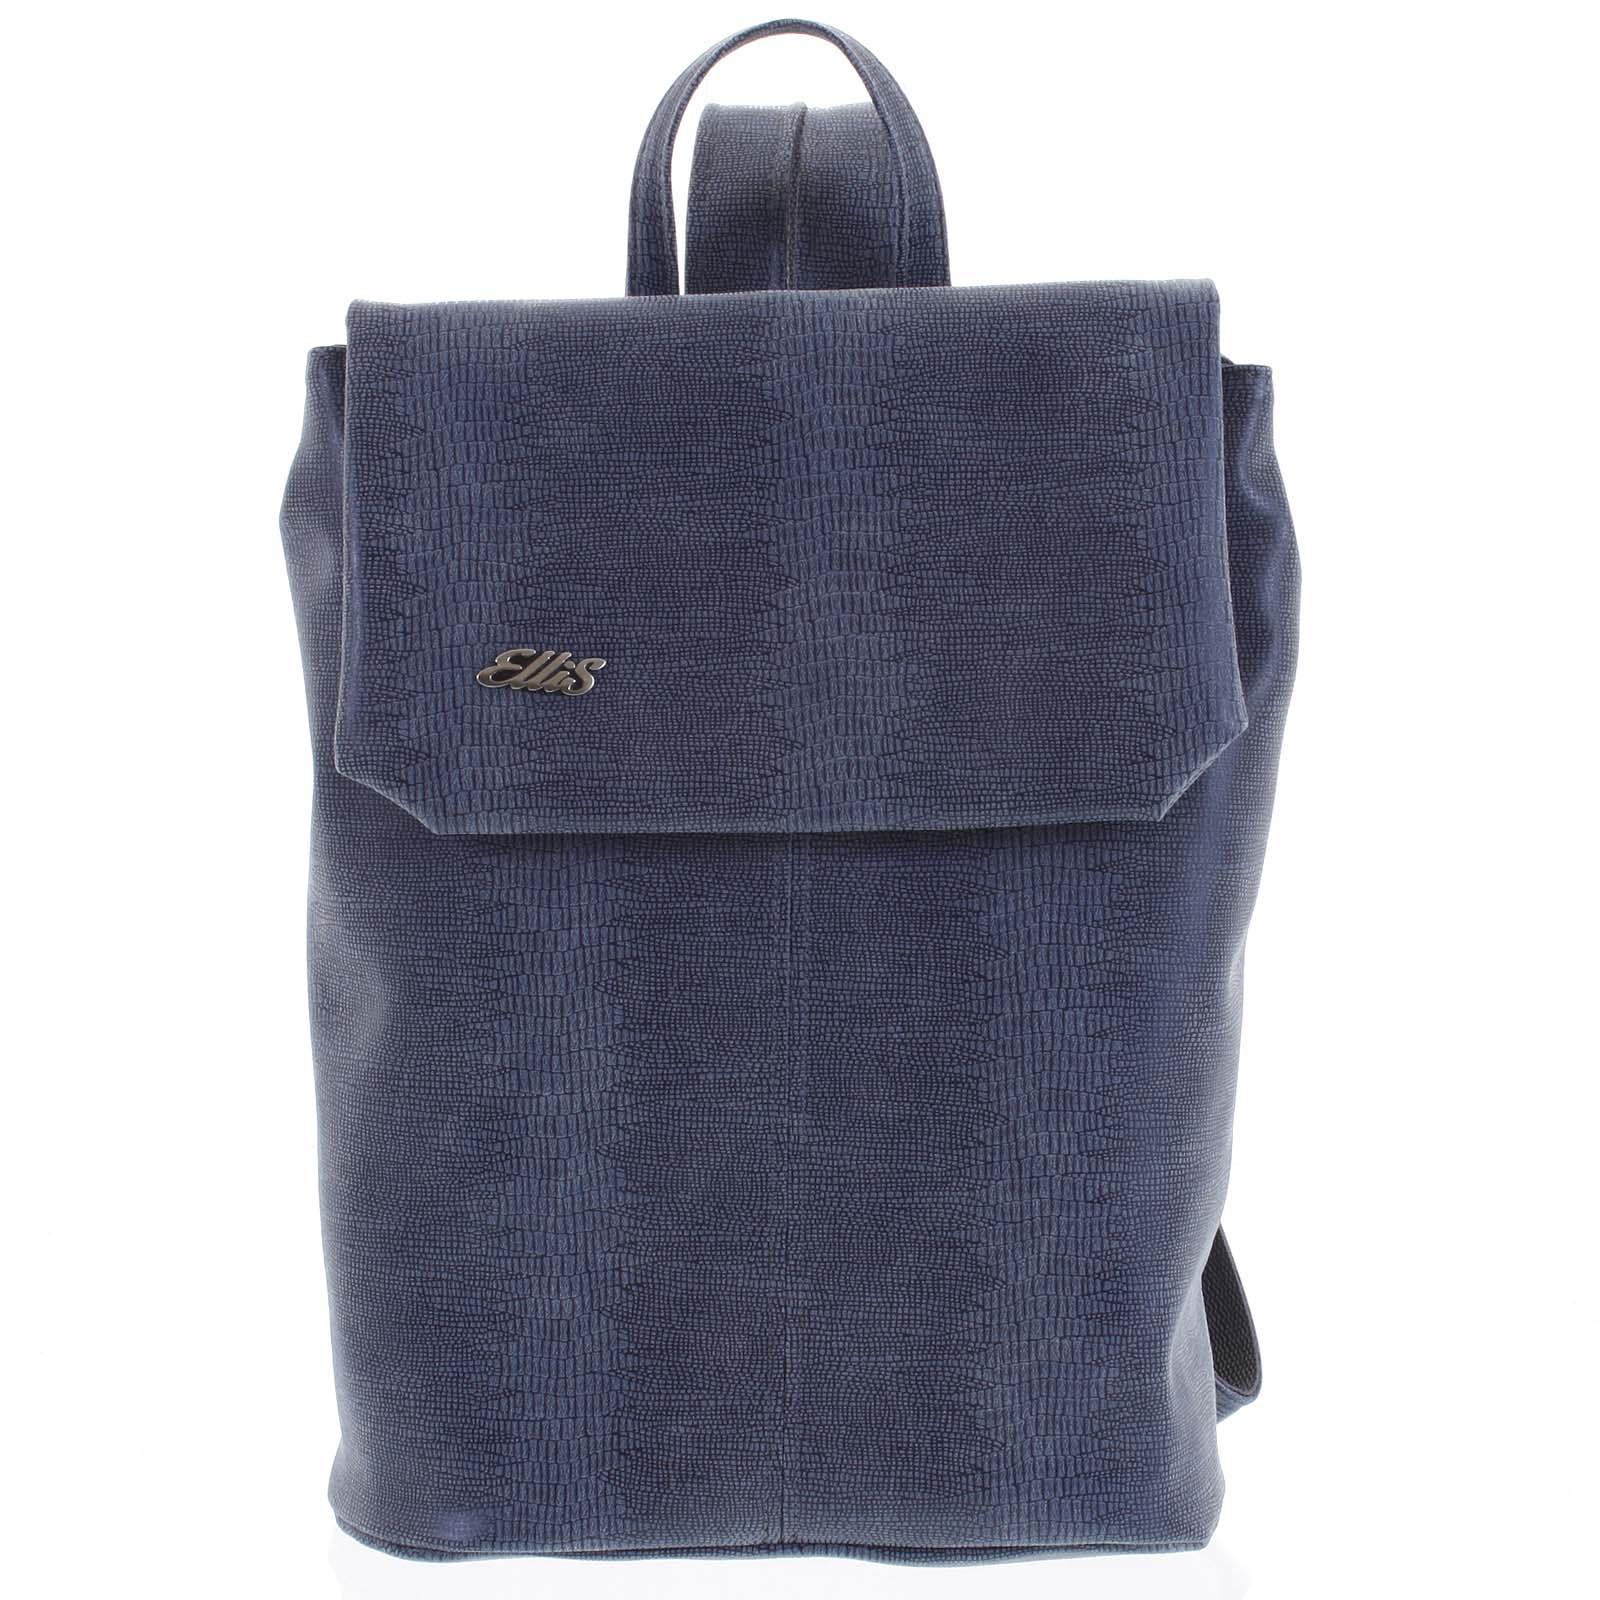 Větší měkký dámský moderní modrý batoh - Ellis Elizabeth